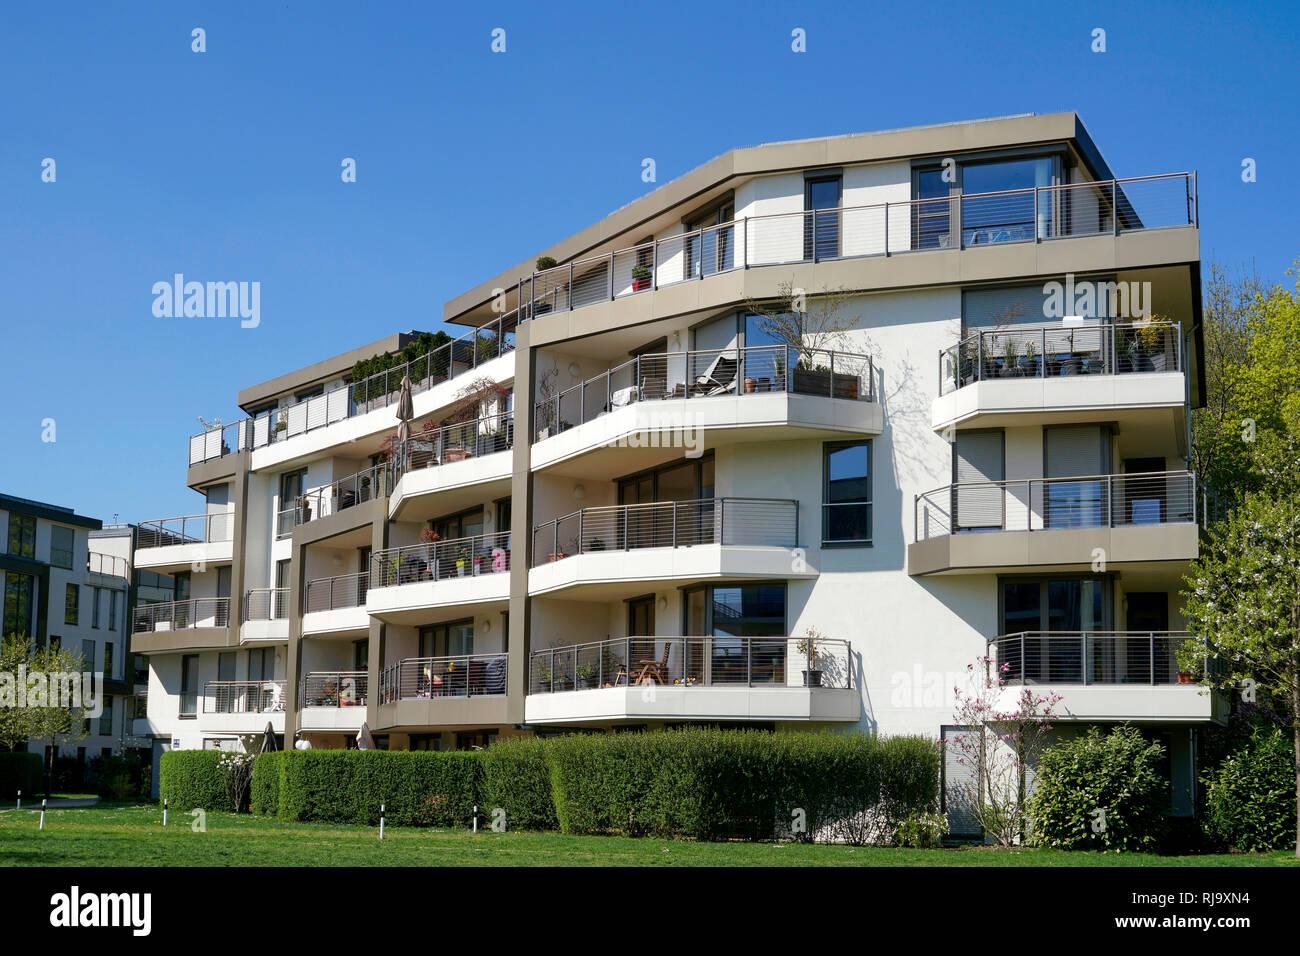 Deutschland, Bayern, München, Neuhausen, Wohnanlage, Balkone, Grünanlage - Stock Image